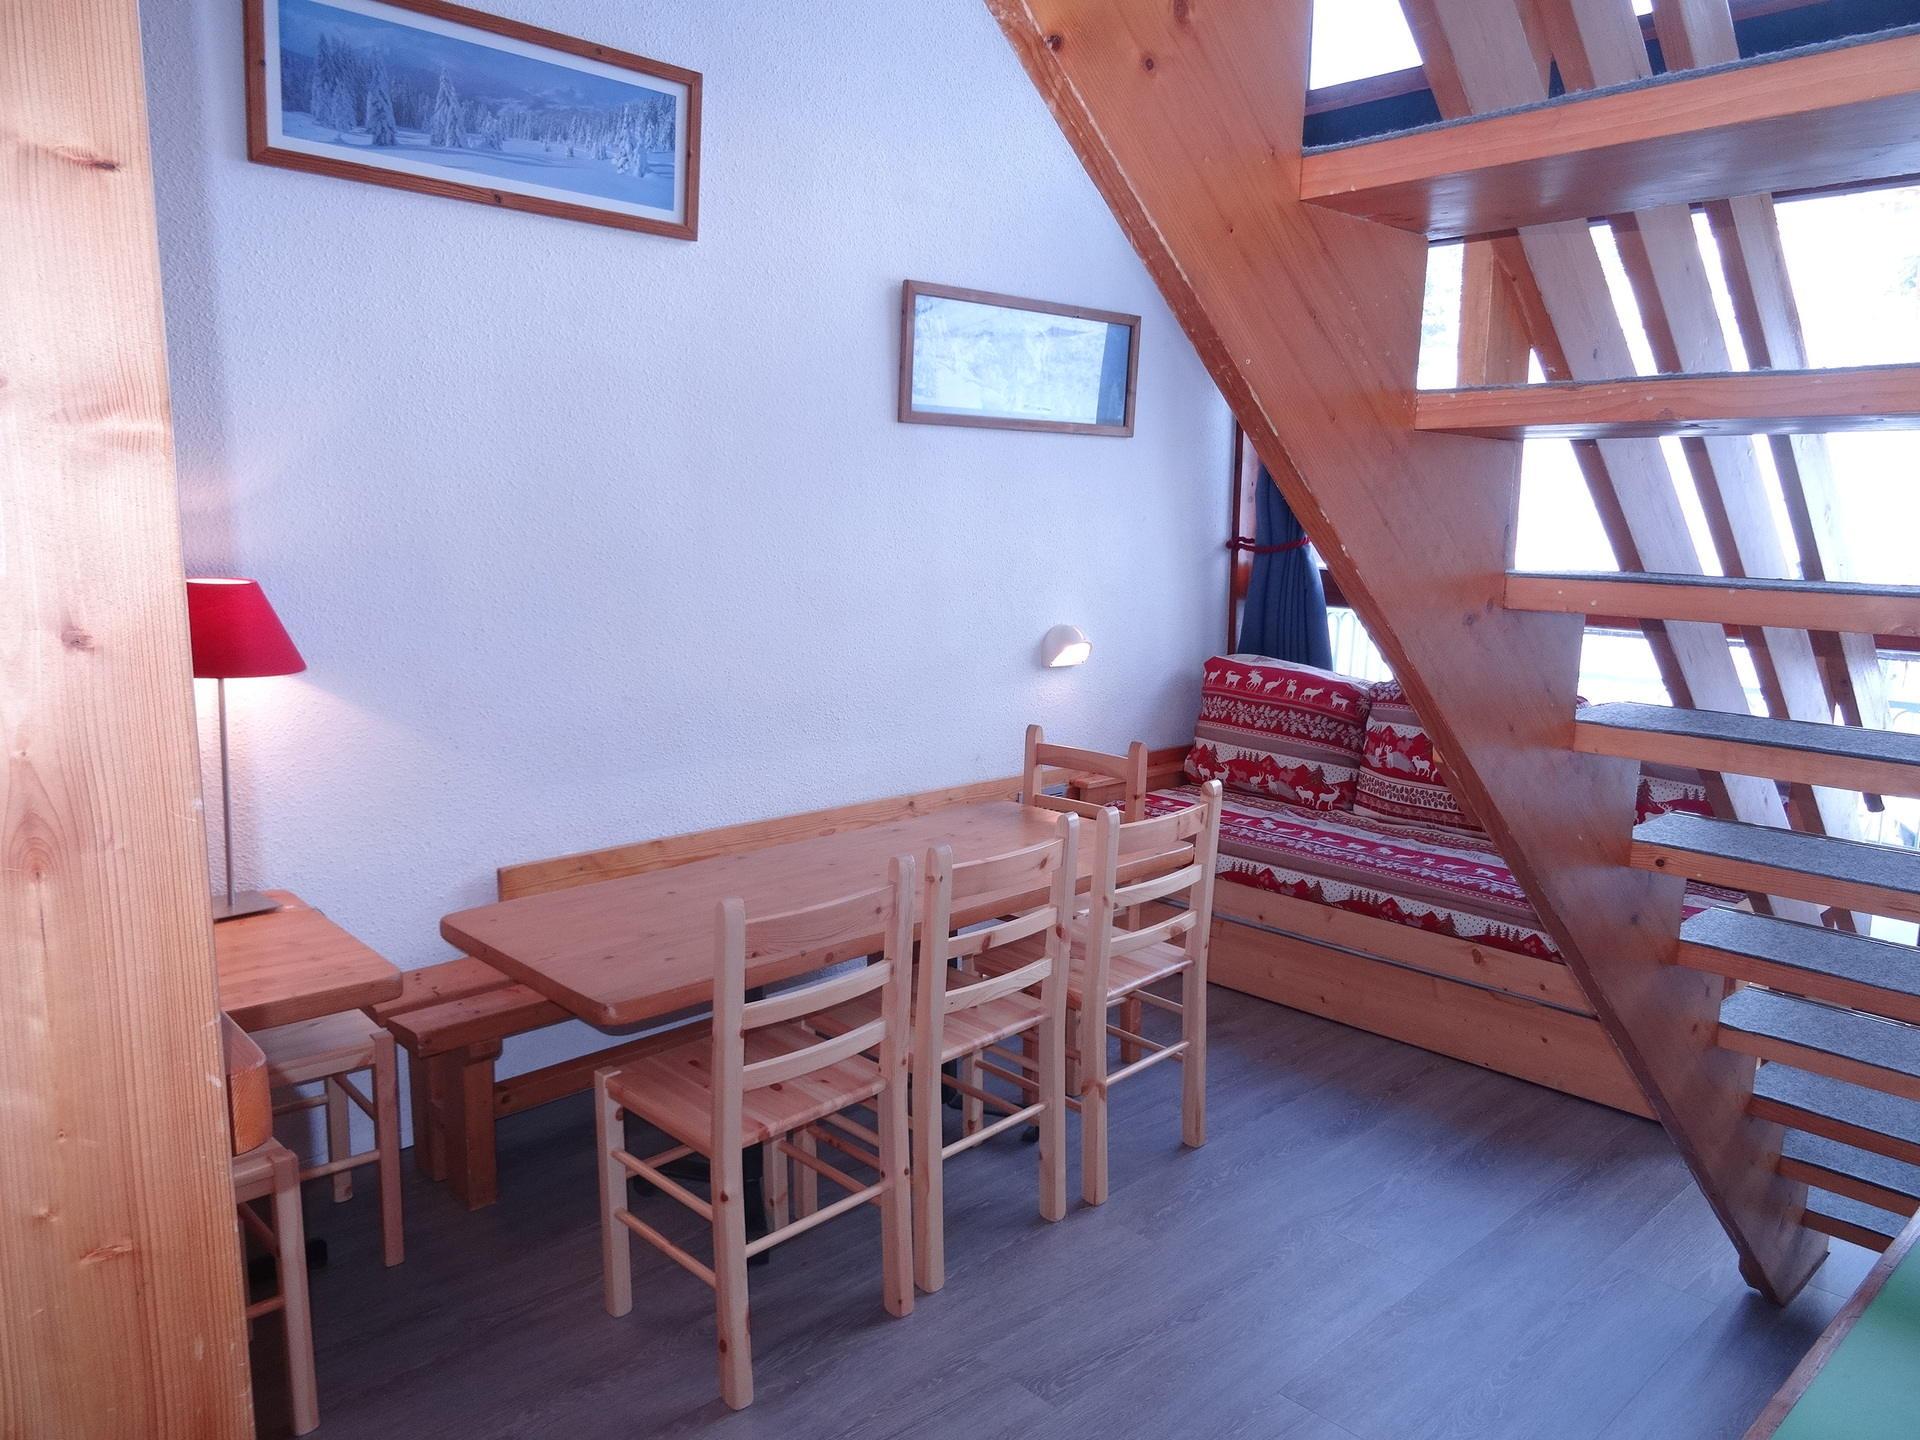 Appartement 4 pièces 8 personnes avec vue sur...